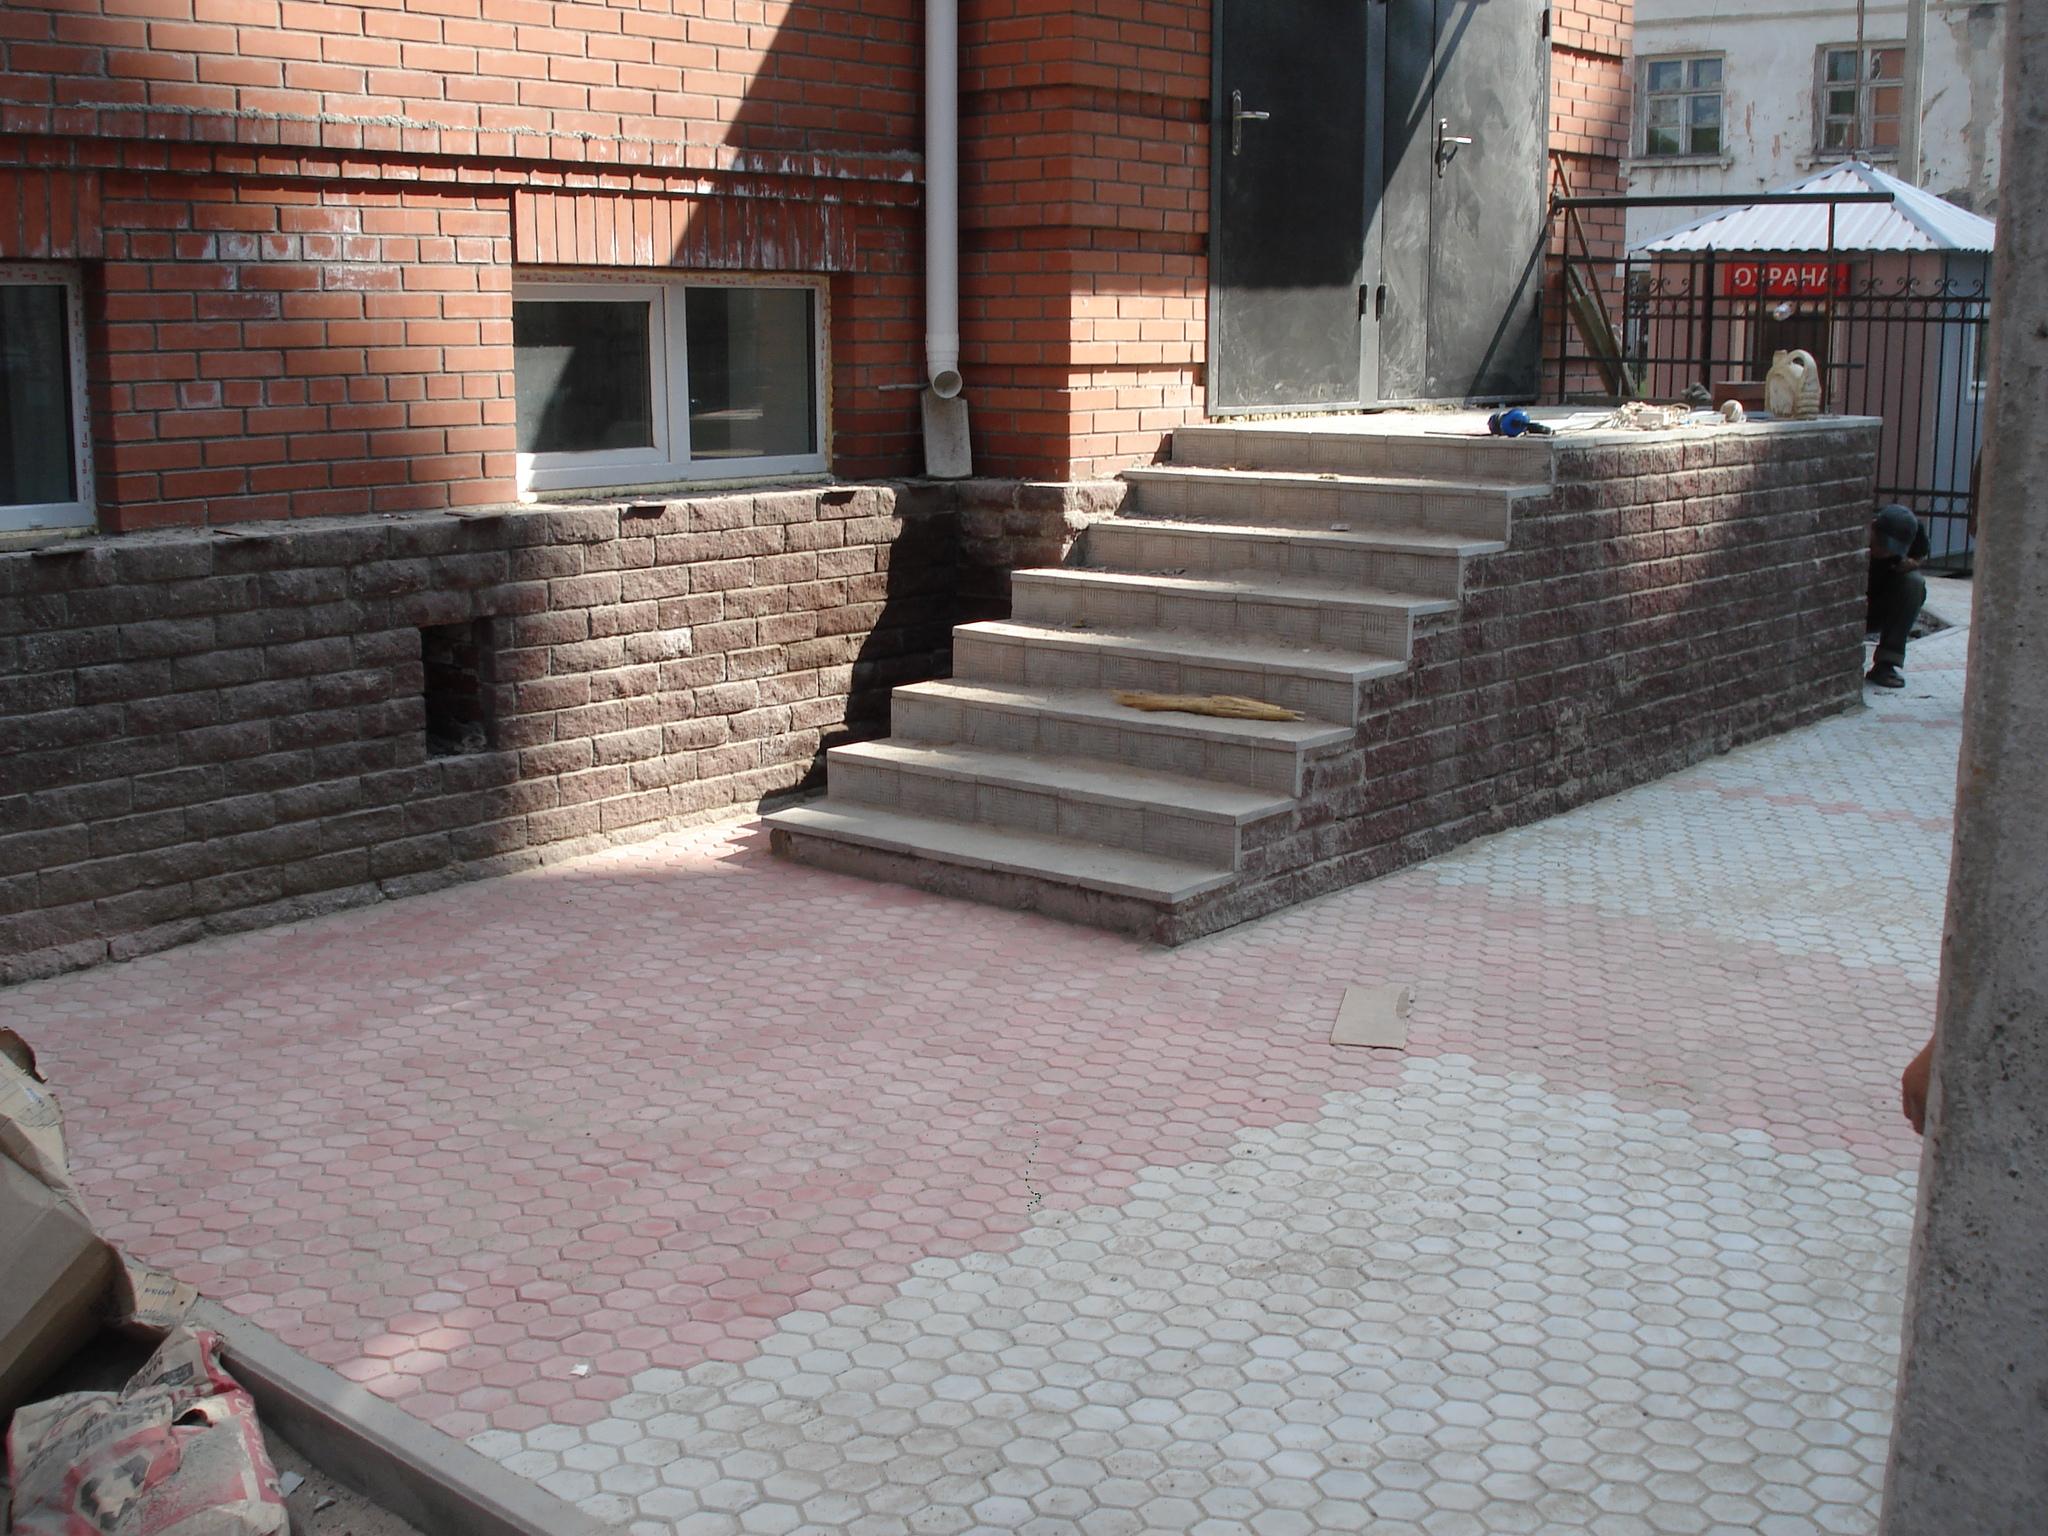 http://plitka-omsk55.ru/images/upload/DSC05583.JPG